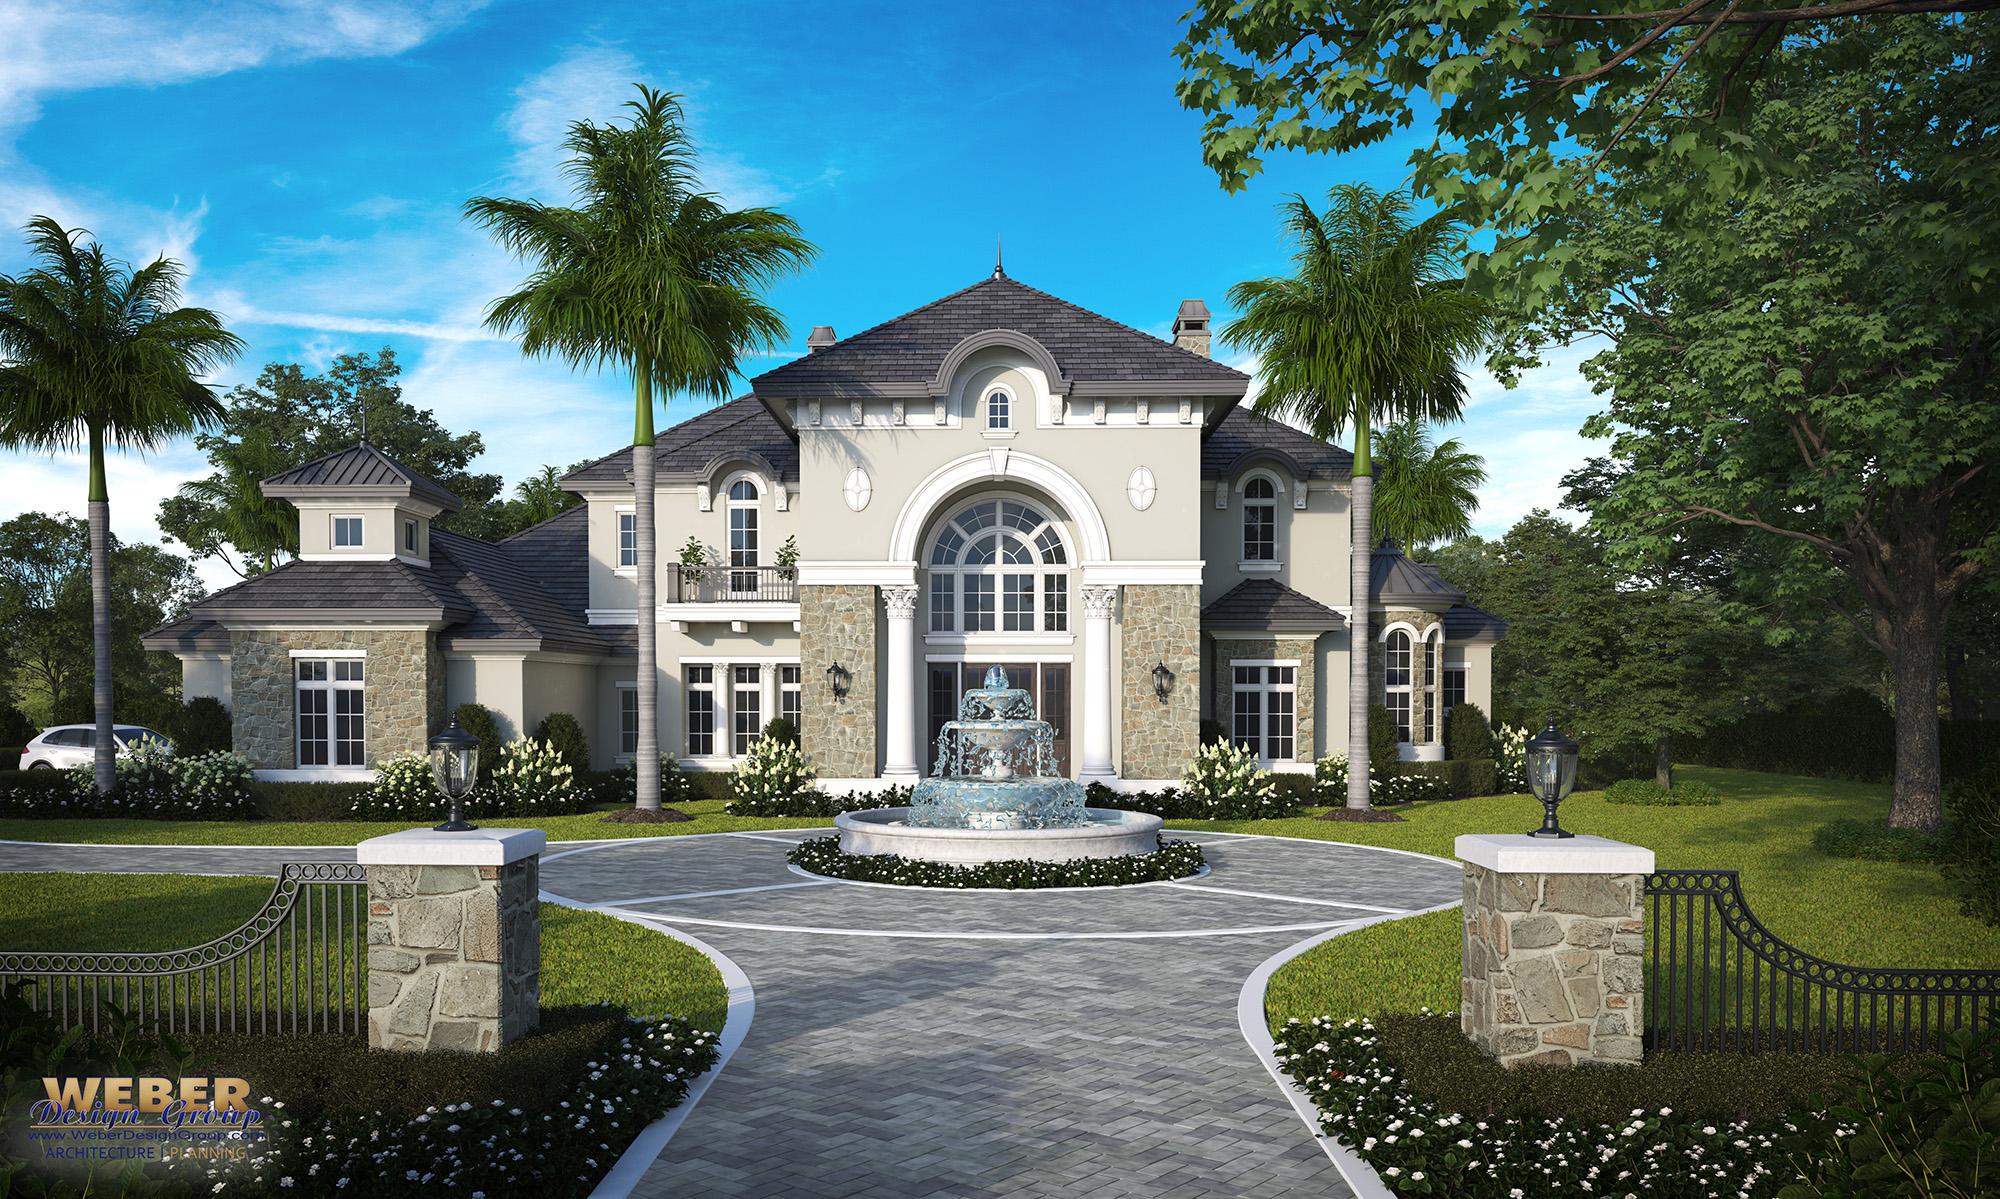 Verandah home plan weber design group for Weber design